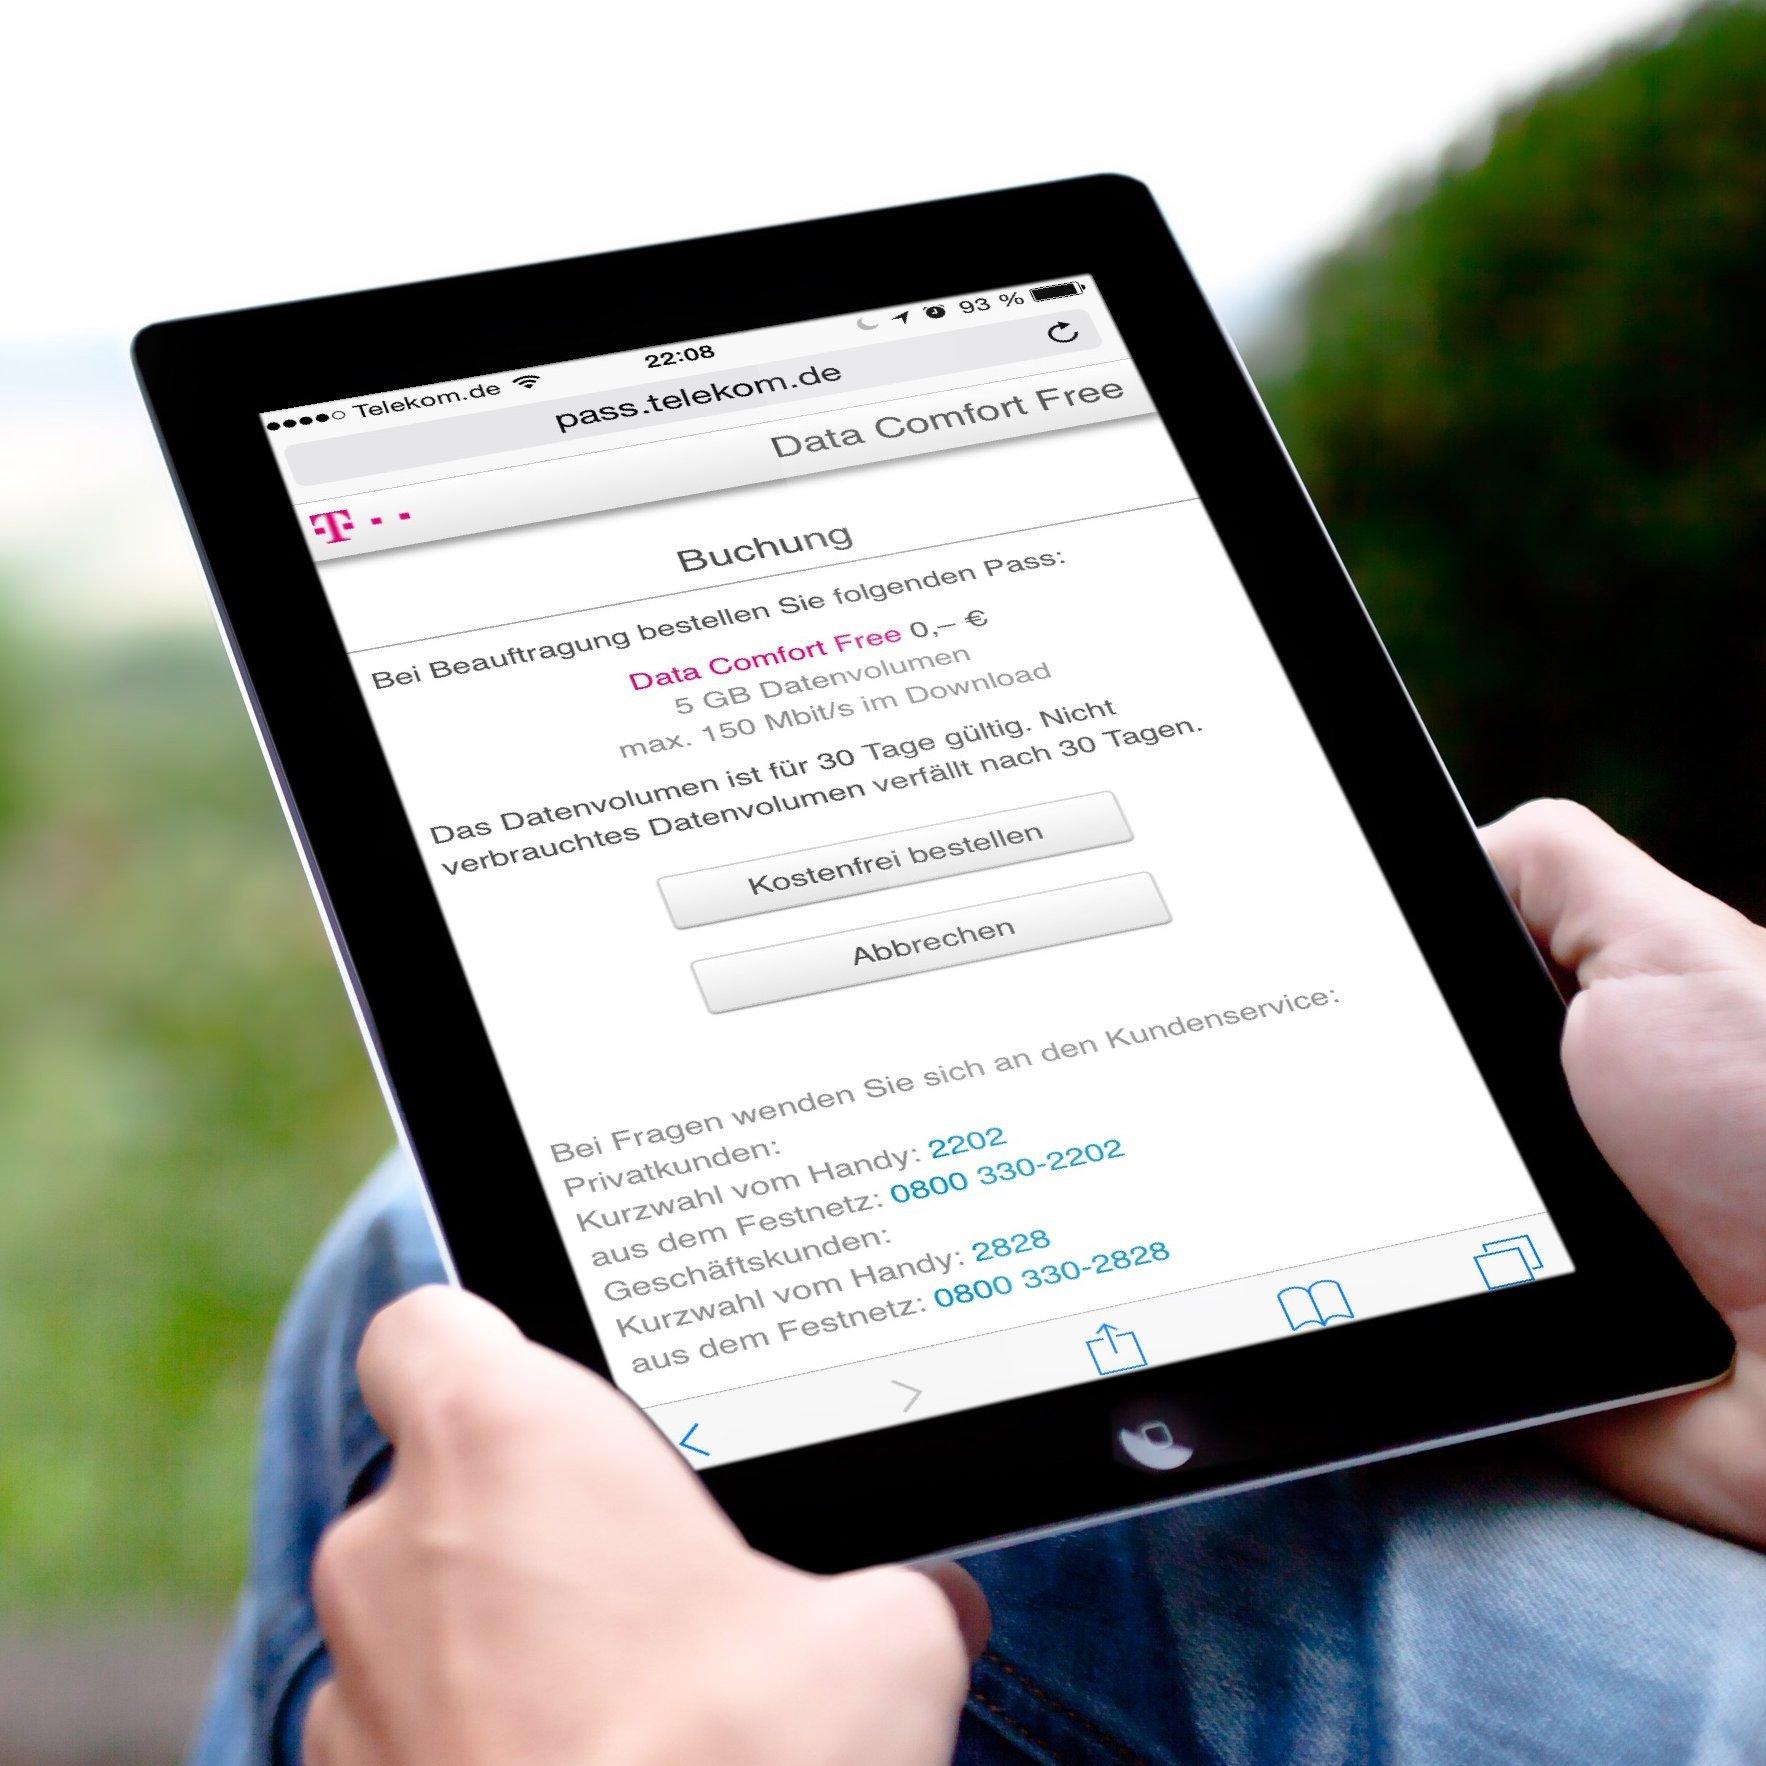 Kostenlos LTE SIM Karte Telekom iPad einrichten Data Comfort Free einrichten 5 GB 2